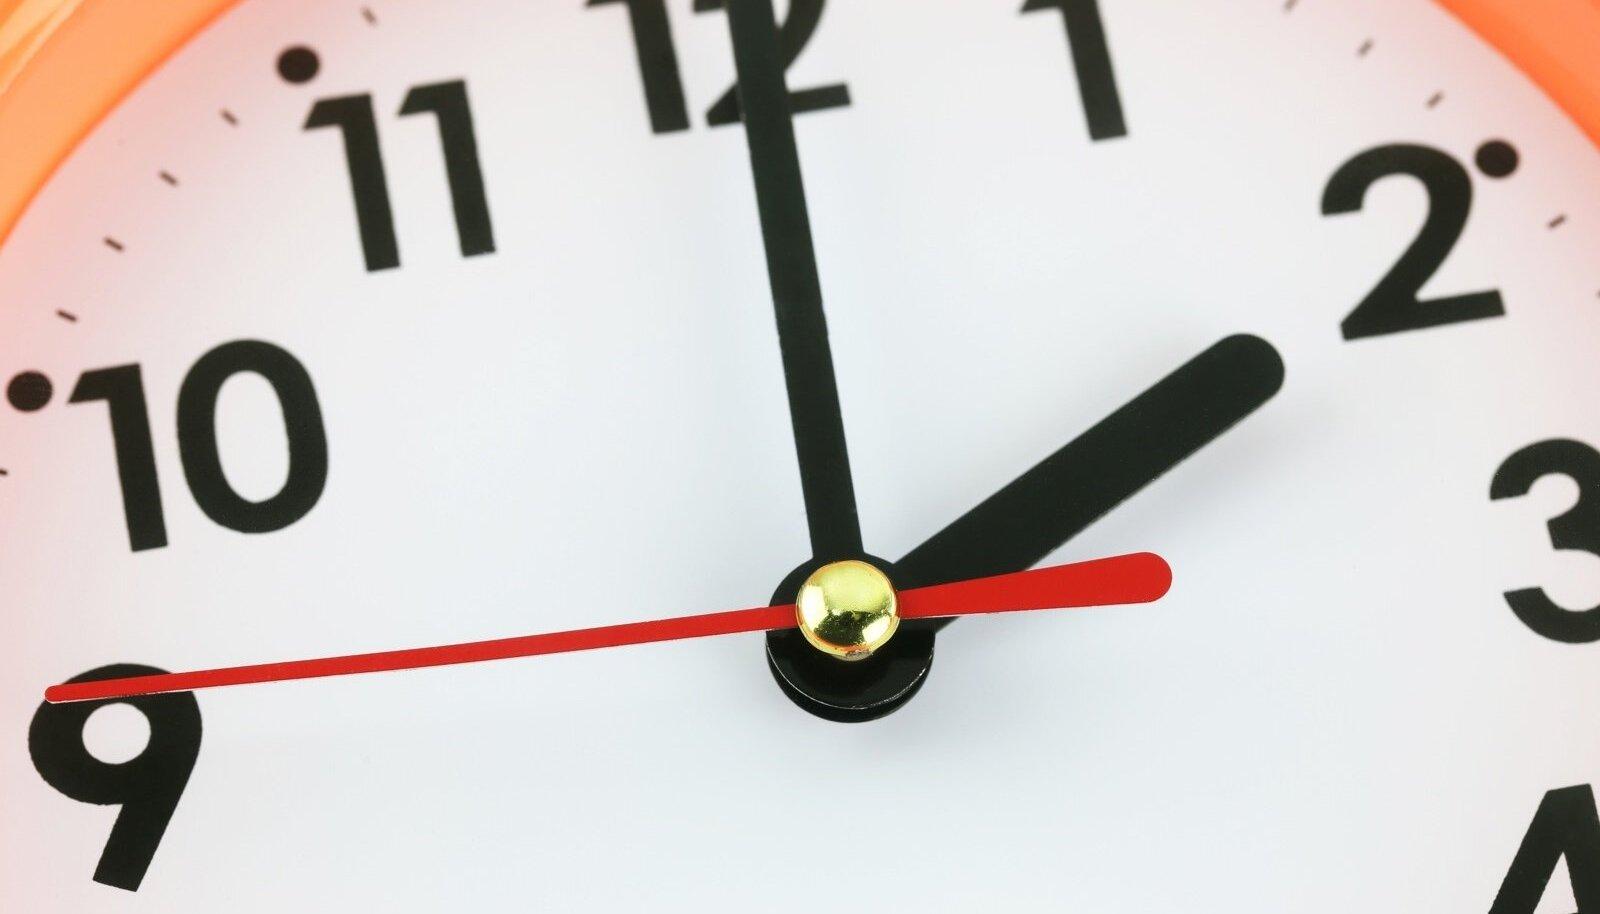 Kell kaks päeval on täna enamiku töötajate jaoks märgiline kellaaeg, sest lõpeb tööpäev.